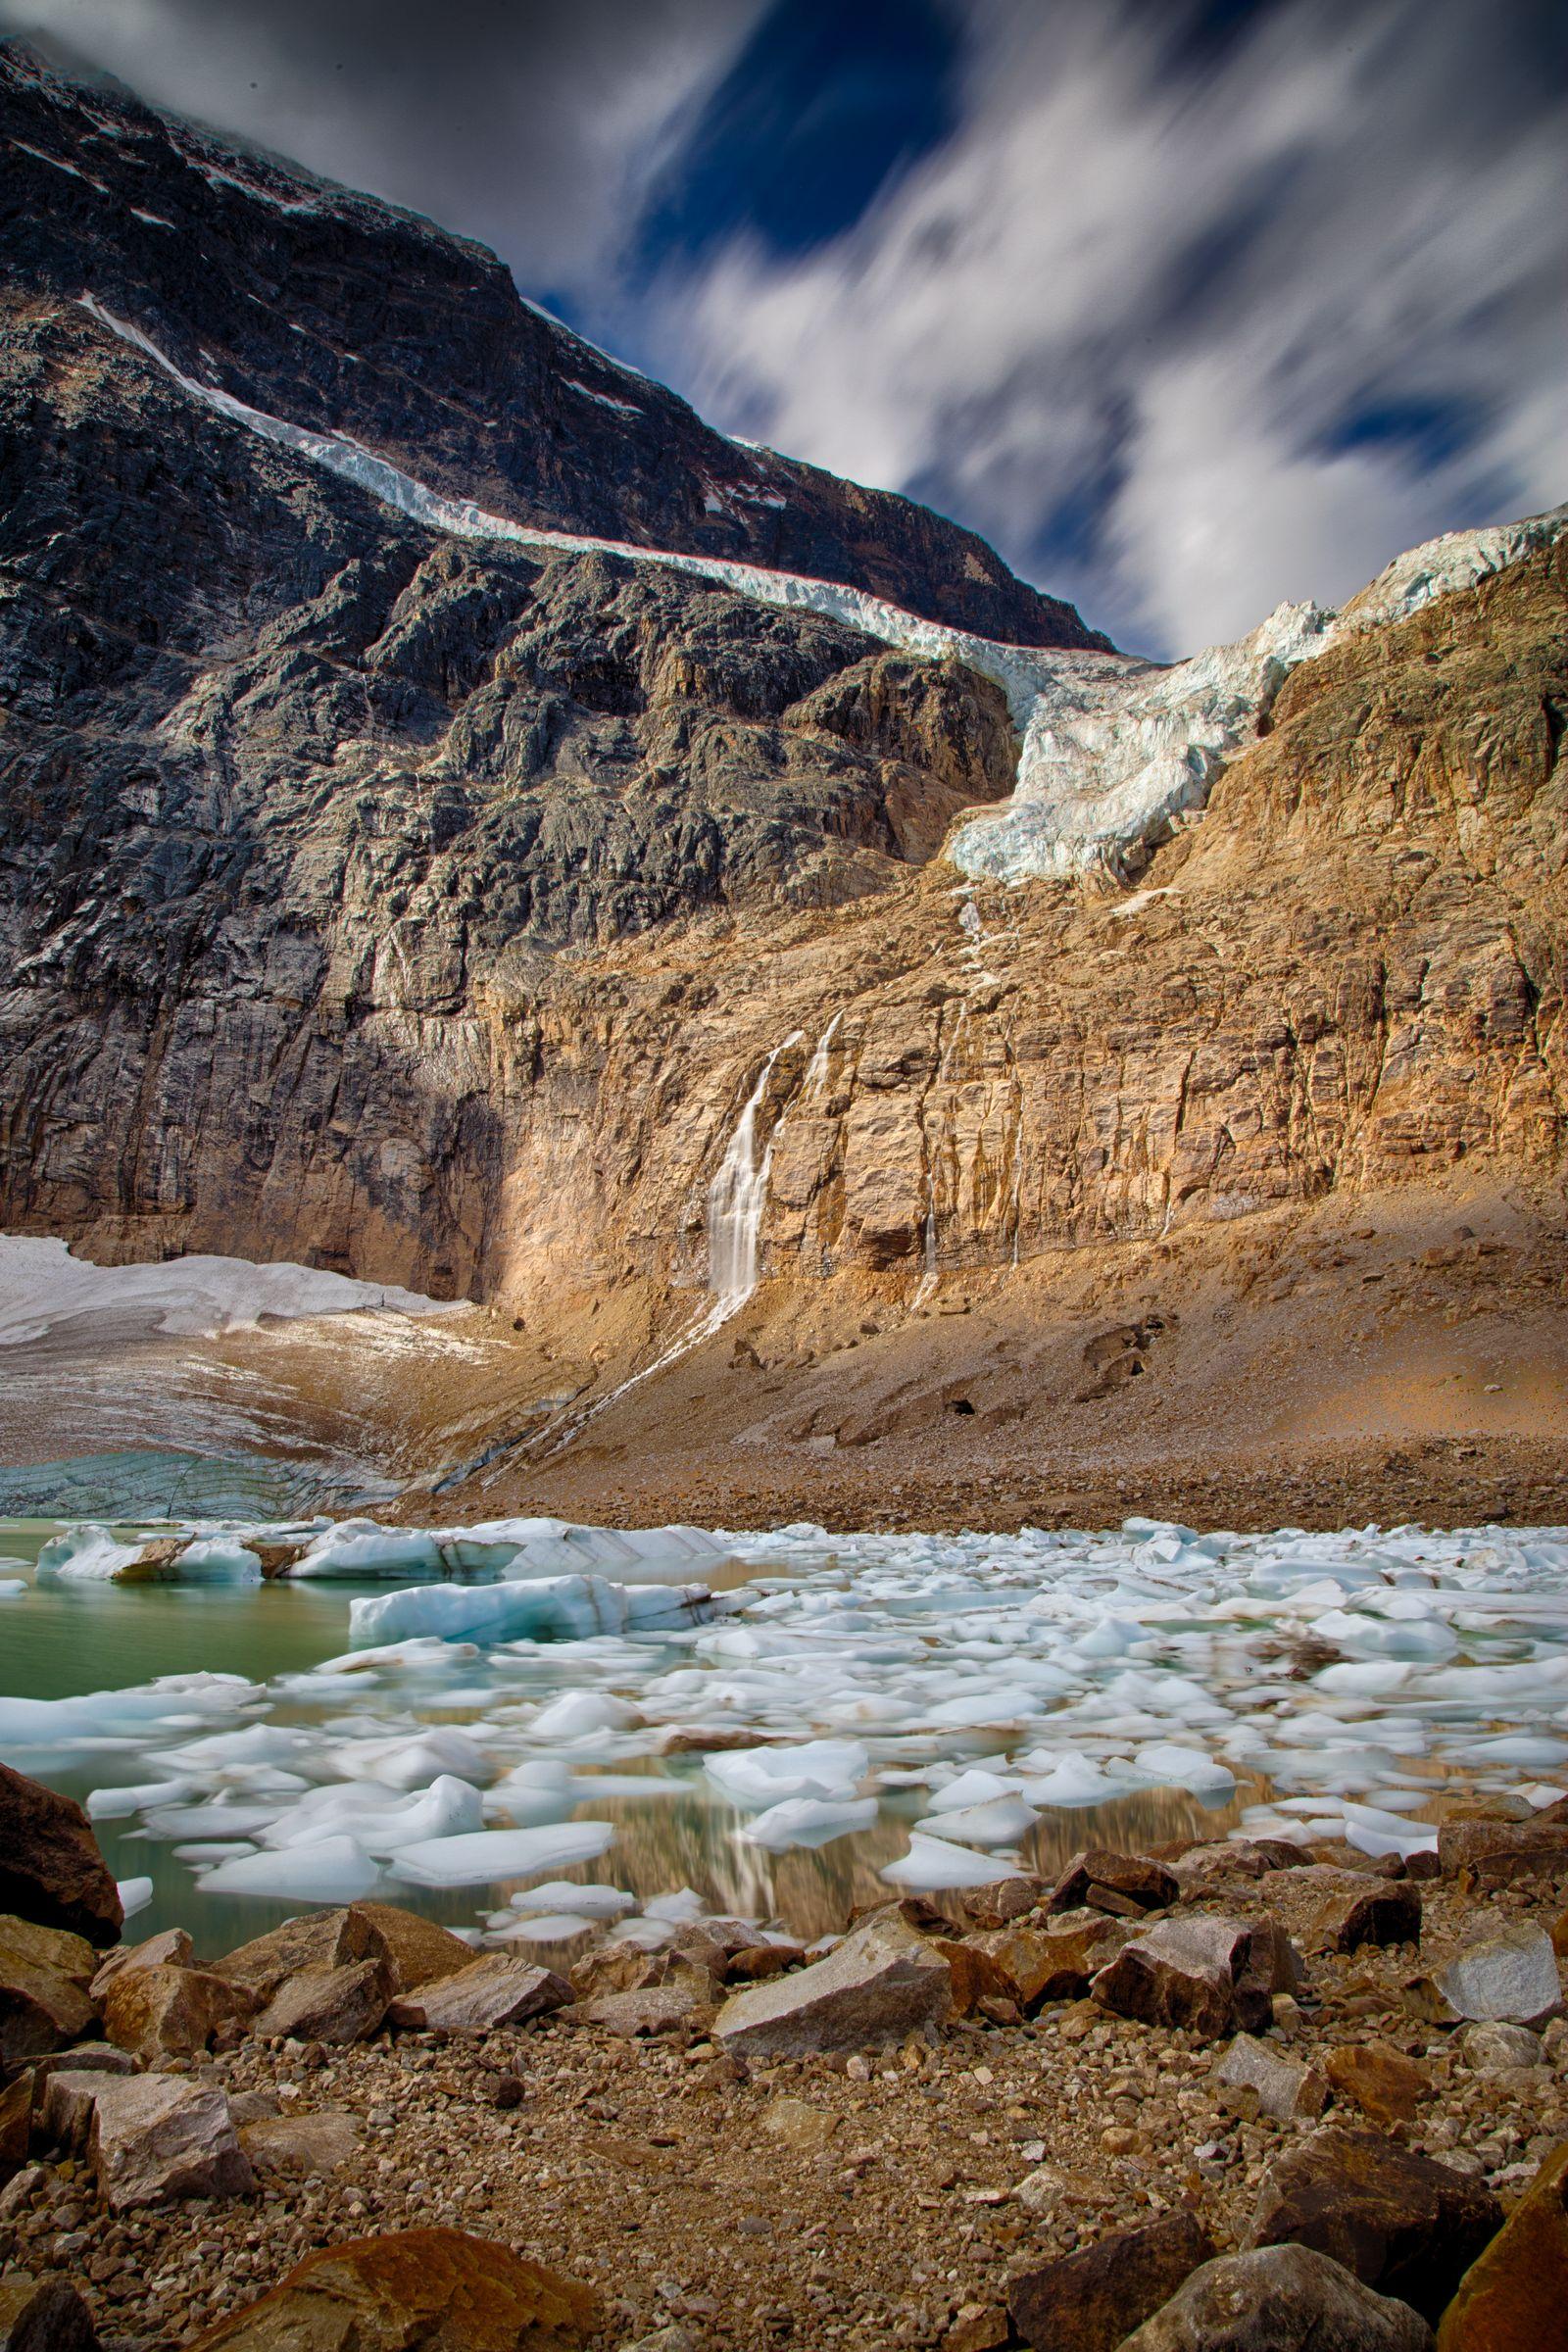 La lengua glaciar, el lago y el retroceso de los últimos años